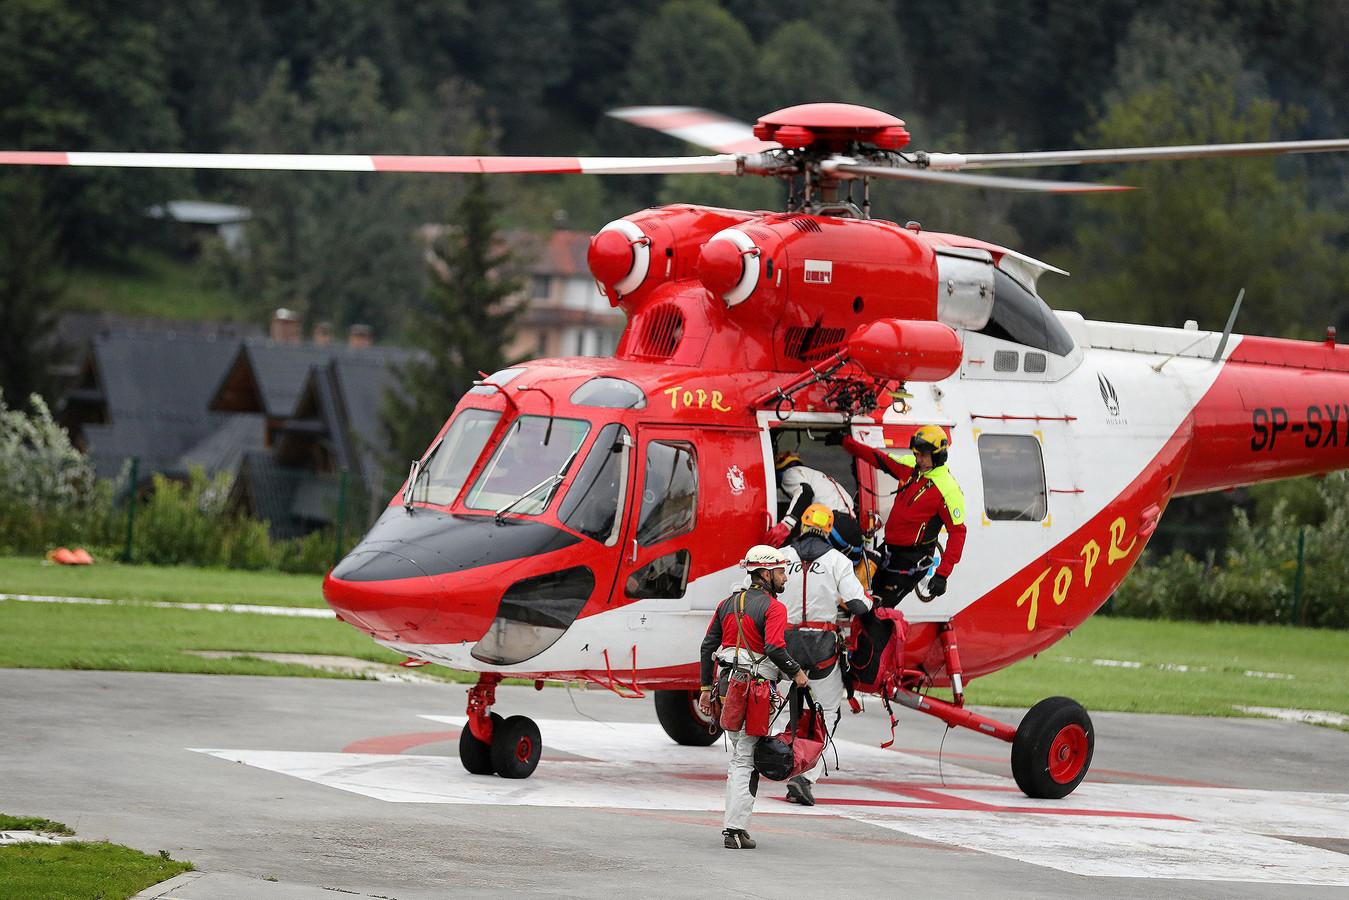 Reddingswerkers gaan aan boord van een helikopter, op weg naar het gebergte.